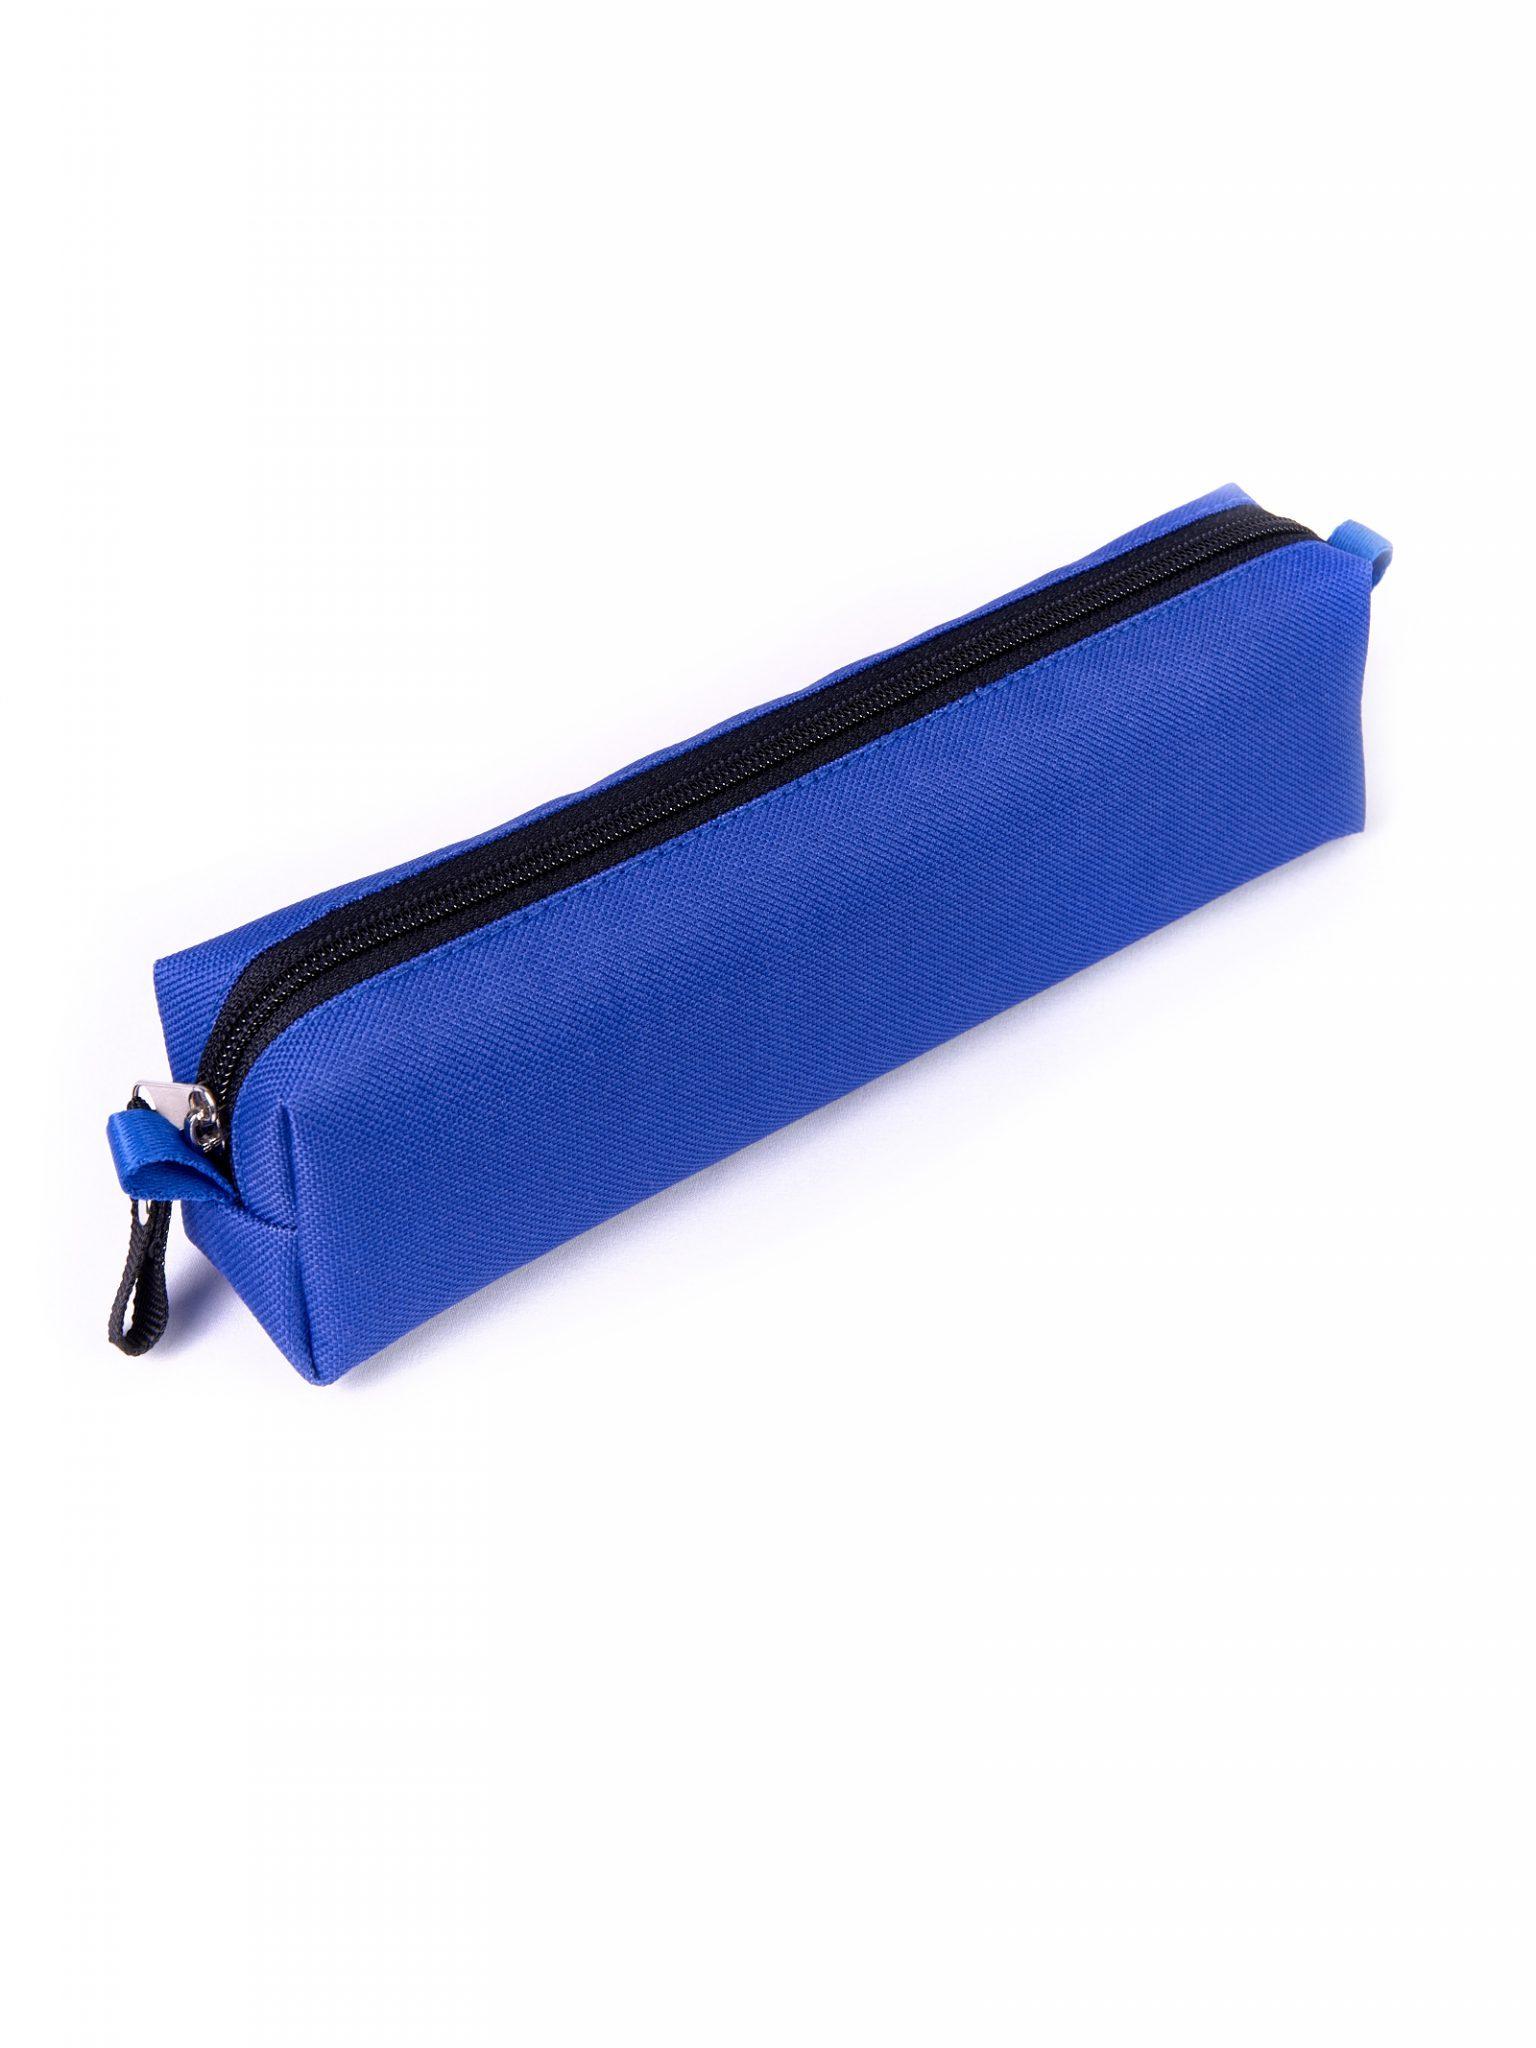 Пенал модель: Rondo цвет: ярко-синий